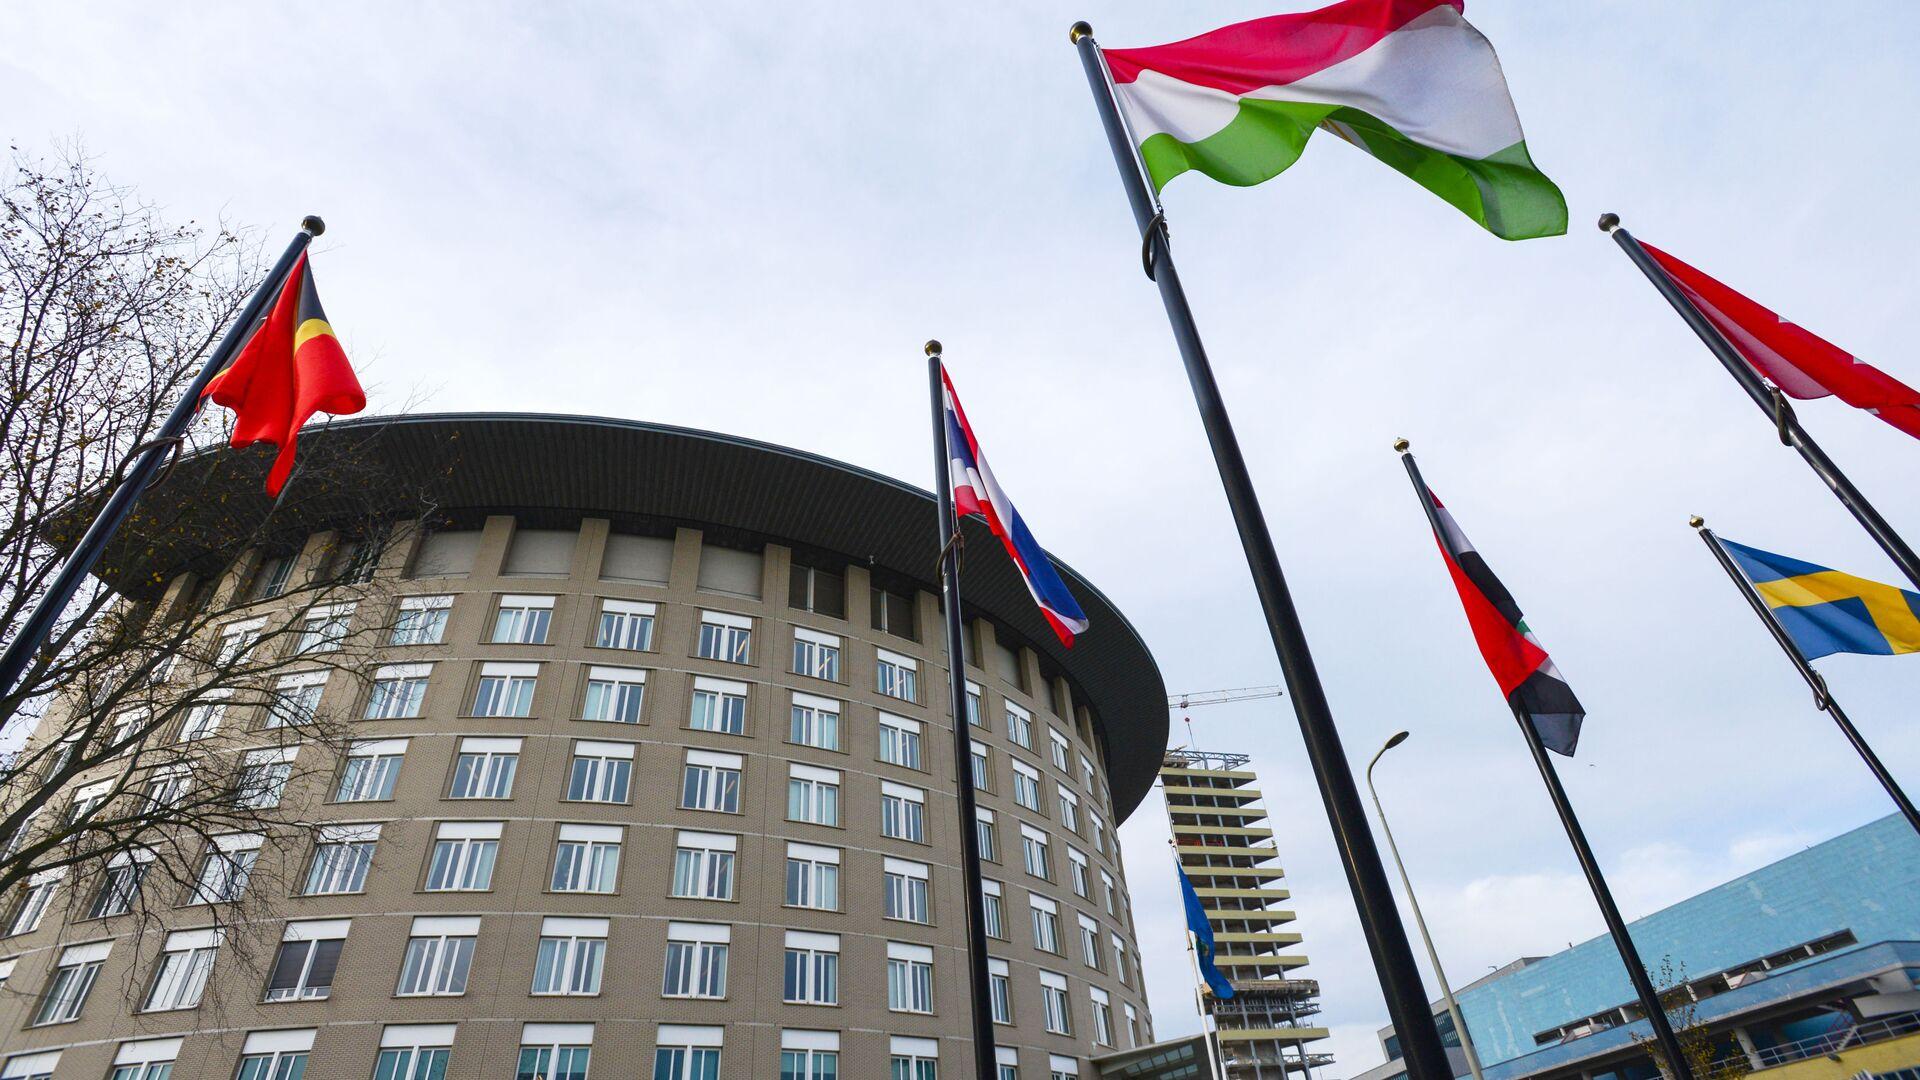 Вид на здание Организации по запрещению химического оружия в Гааге - РИА Новости, 1920, 04.09.2020